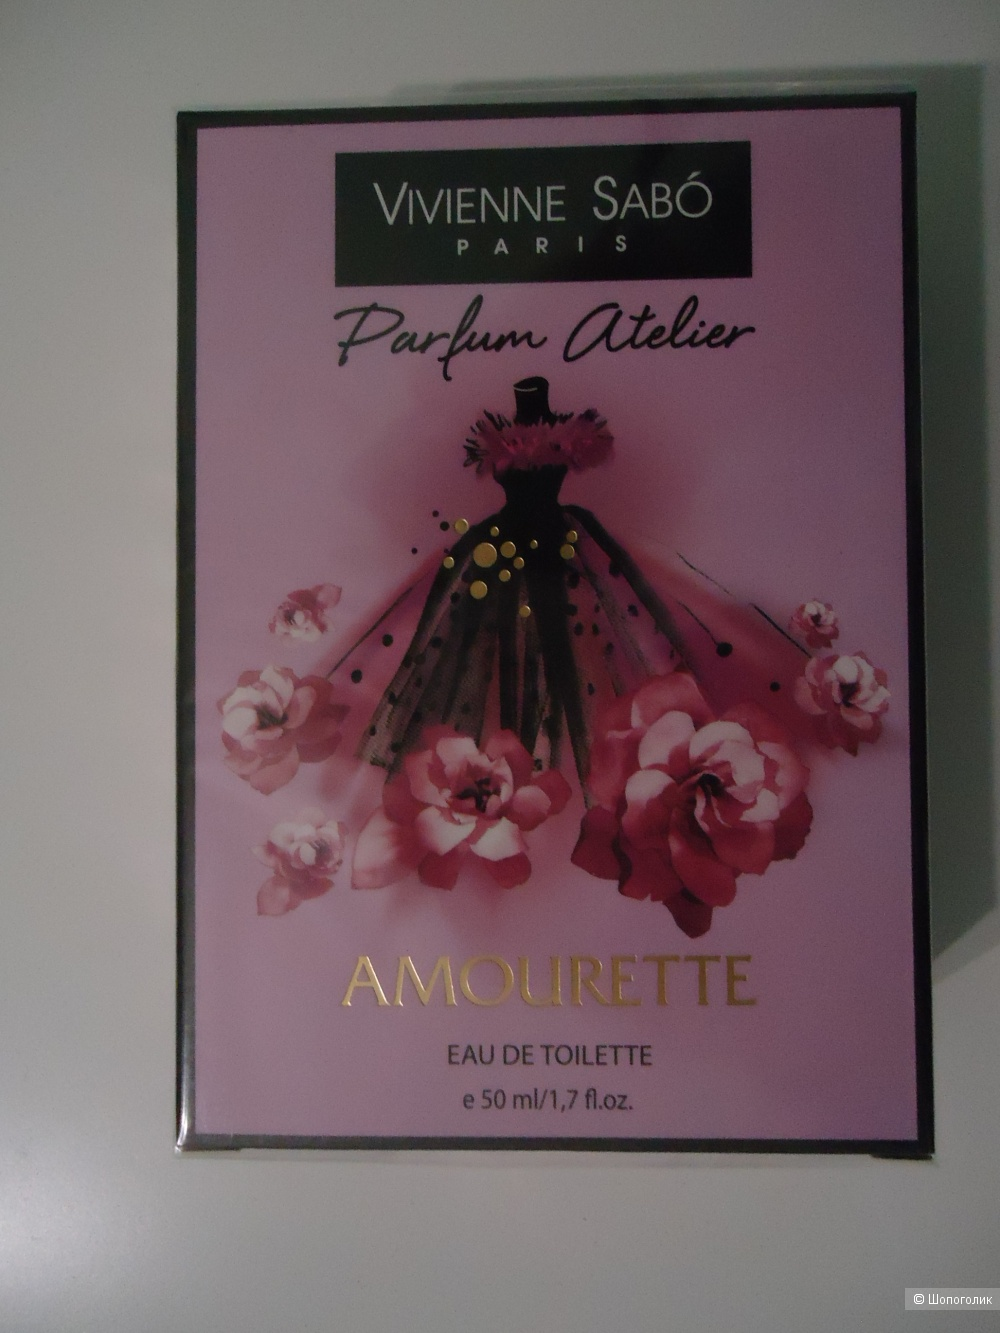 Т/в Vivienne Sabo Parfum Atelier Amourette 50мл